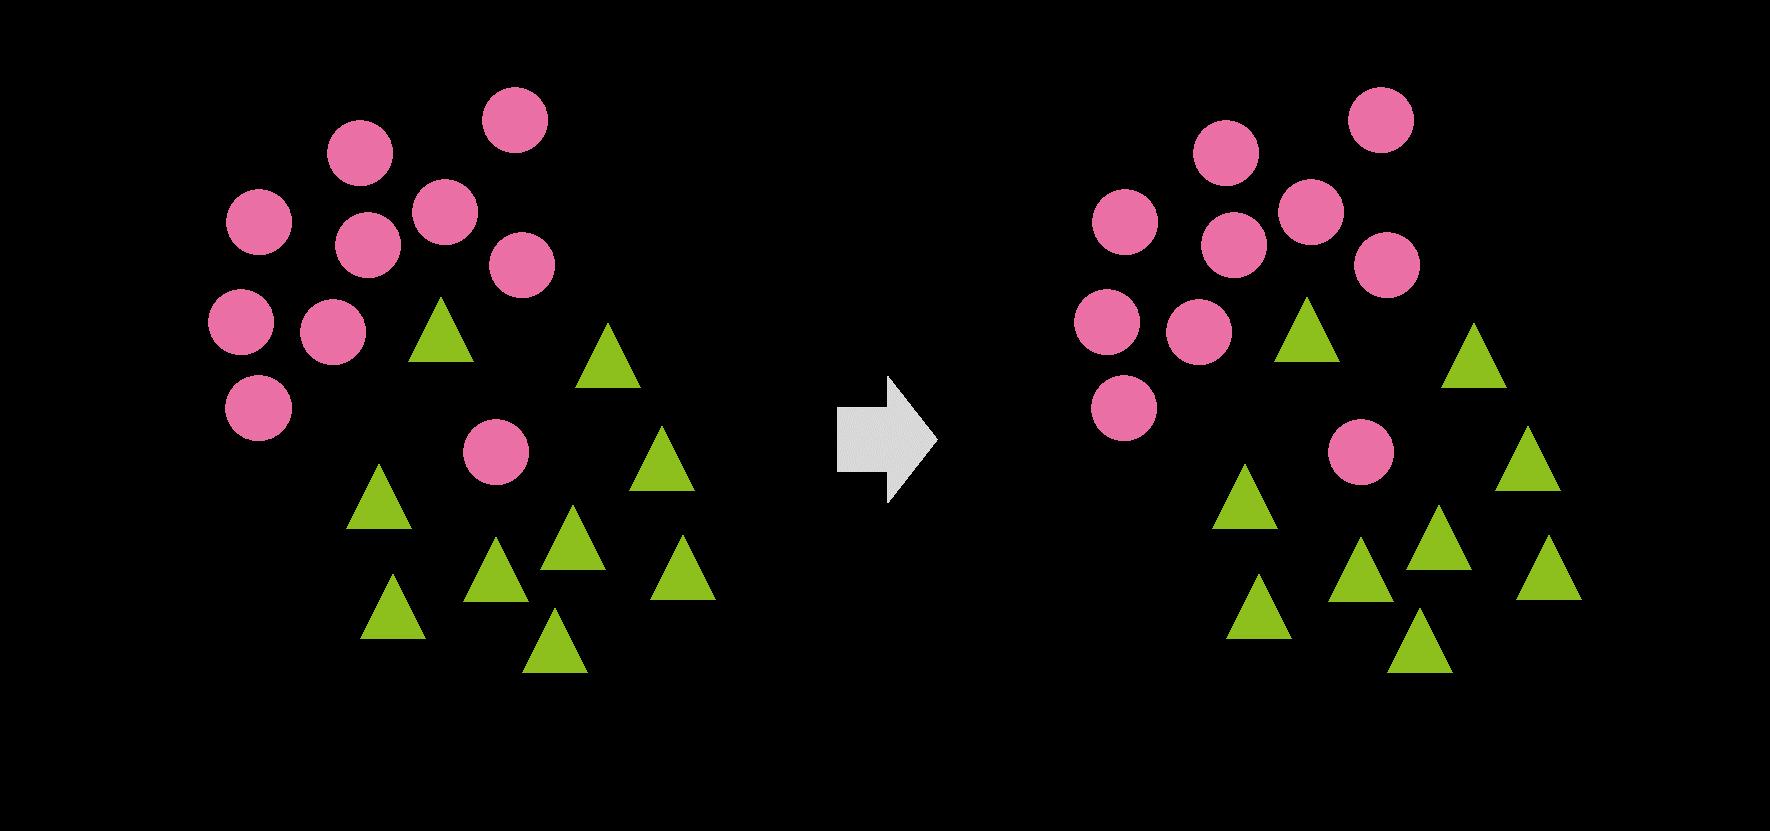 判別分析のイメージ